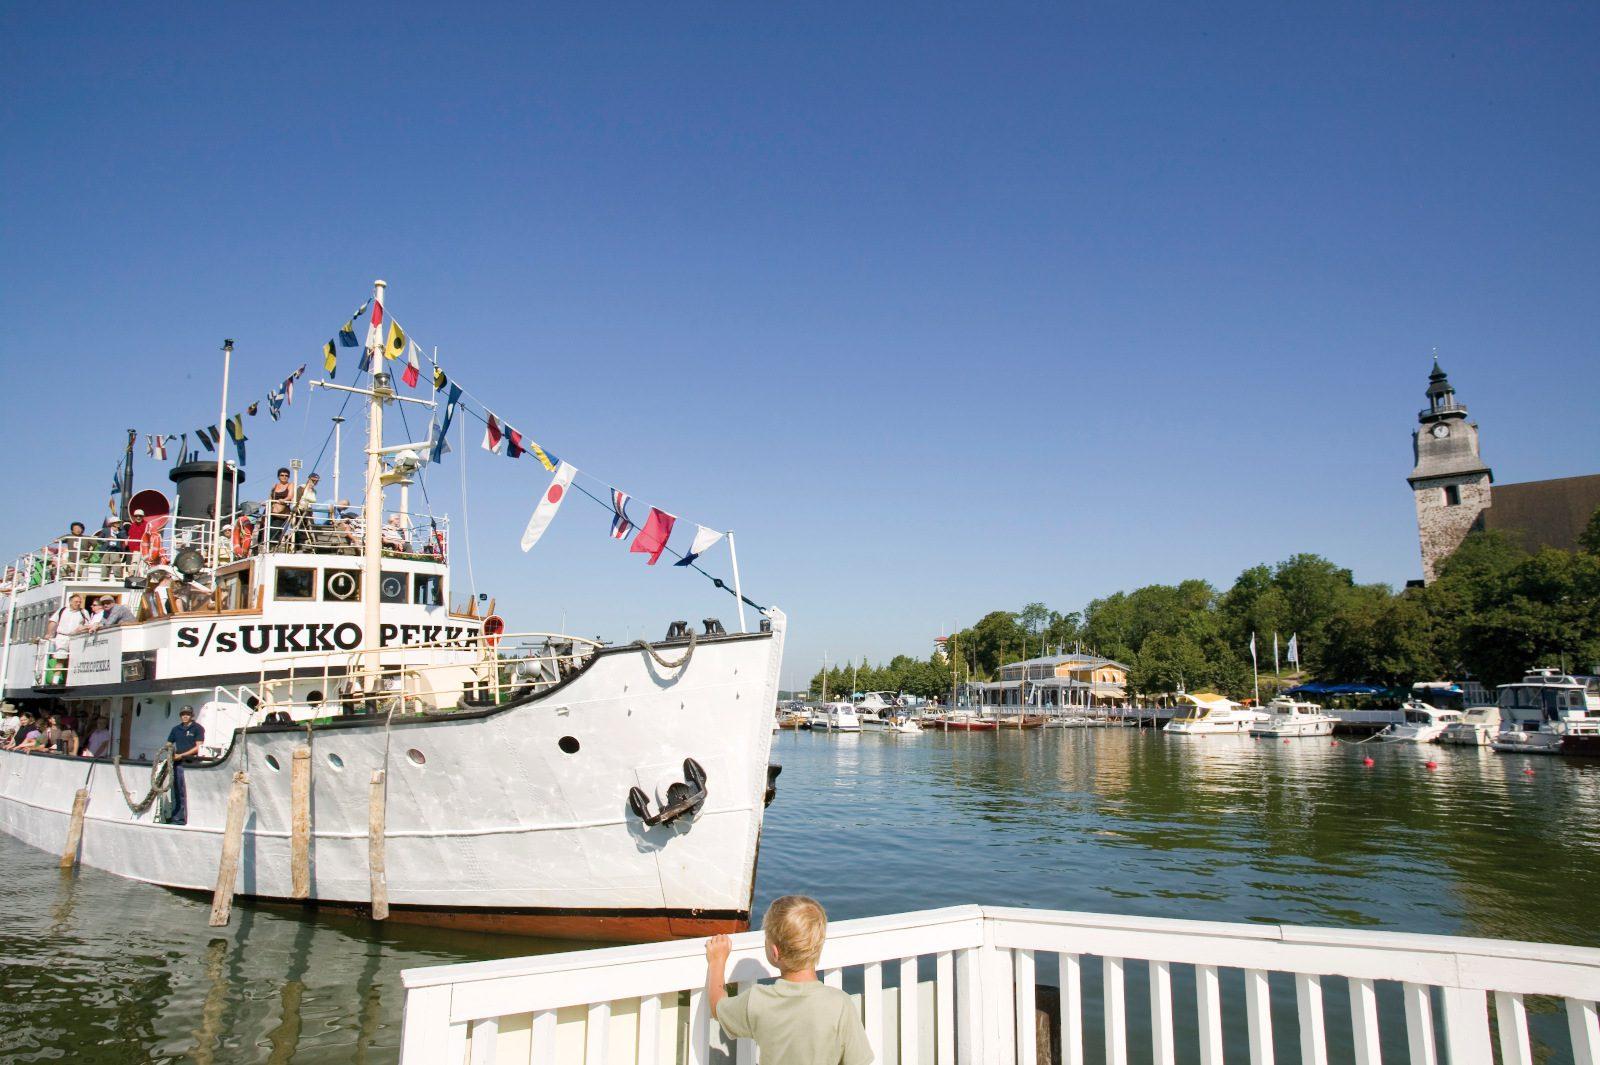 Höyrylaiva Ukkopekka, valkoinen keula ja värikkäitä lippuja kannella, saapuu Naantalin laituriin. Taustalla merta ja Naantalin kirkon torni.